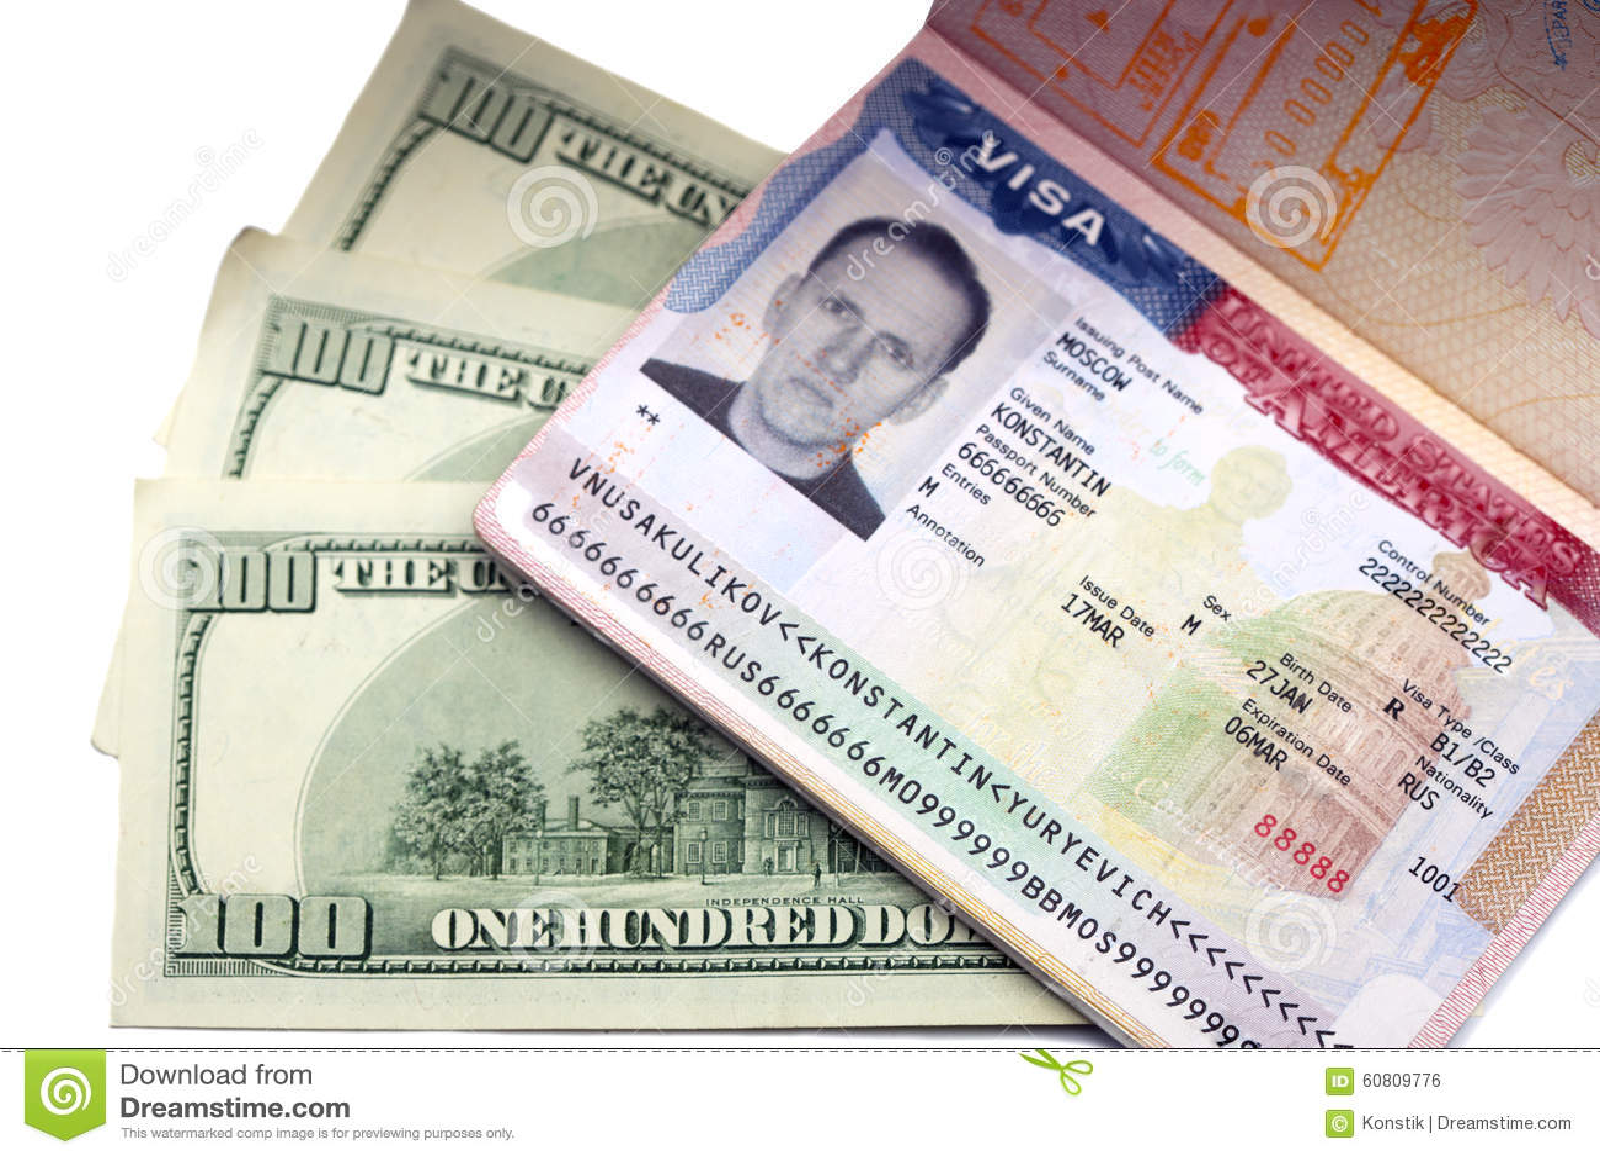 Russian Visas International 9